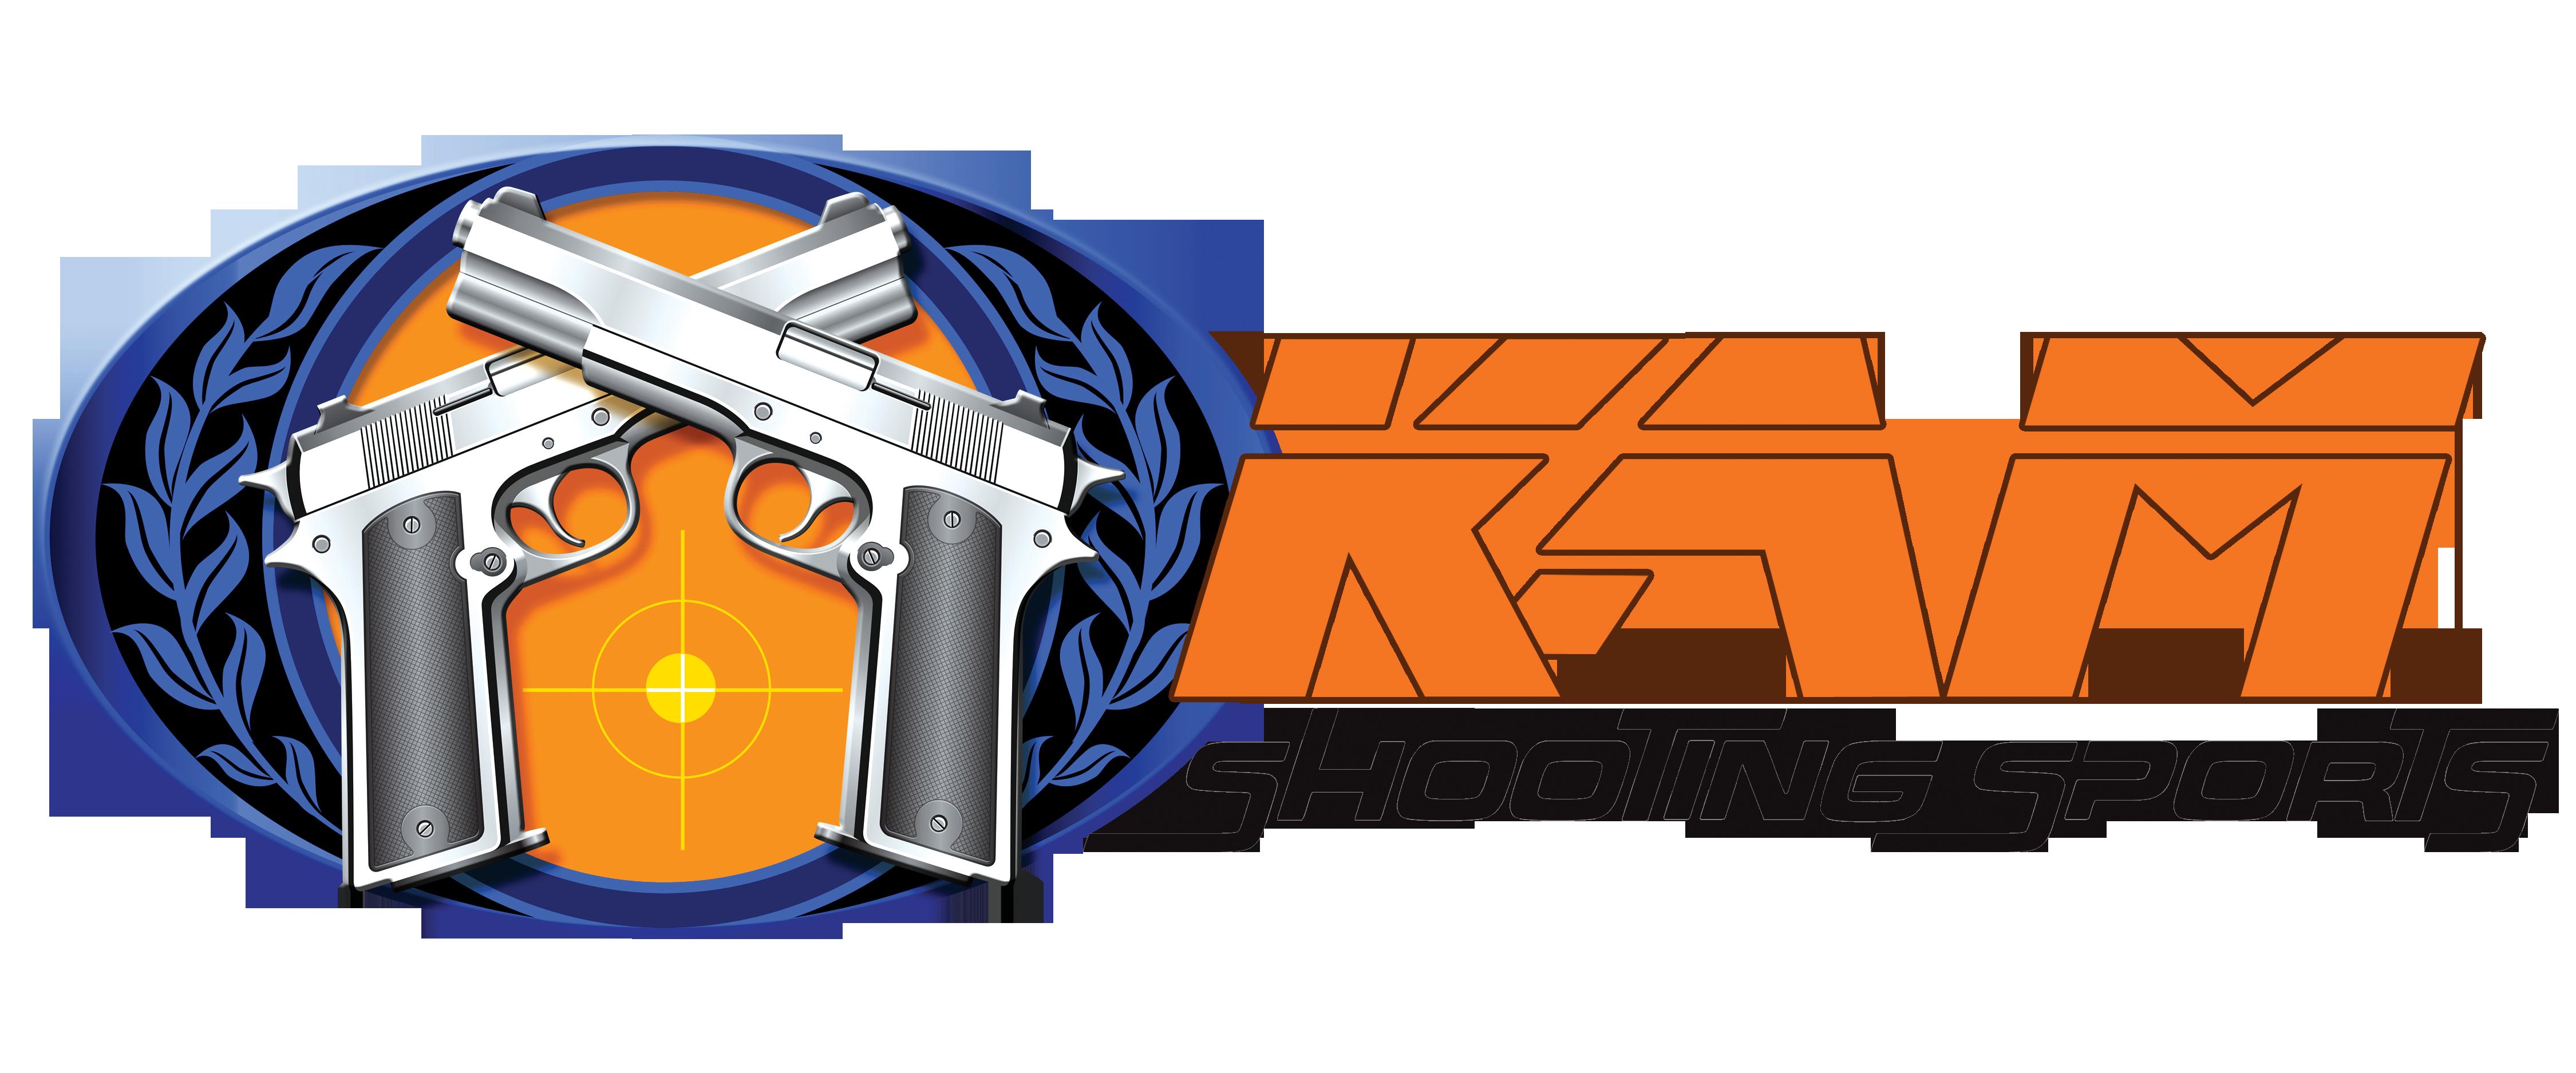 KAM Shooting Sports